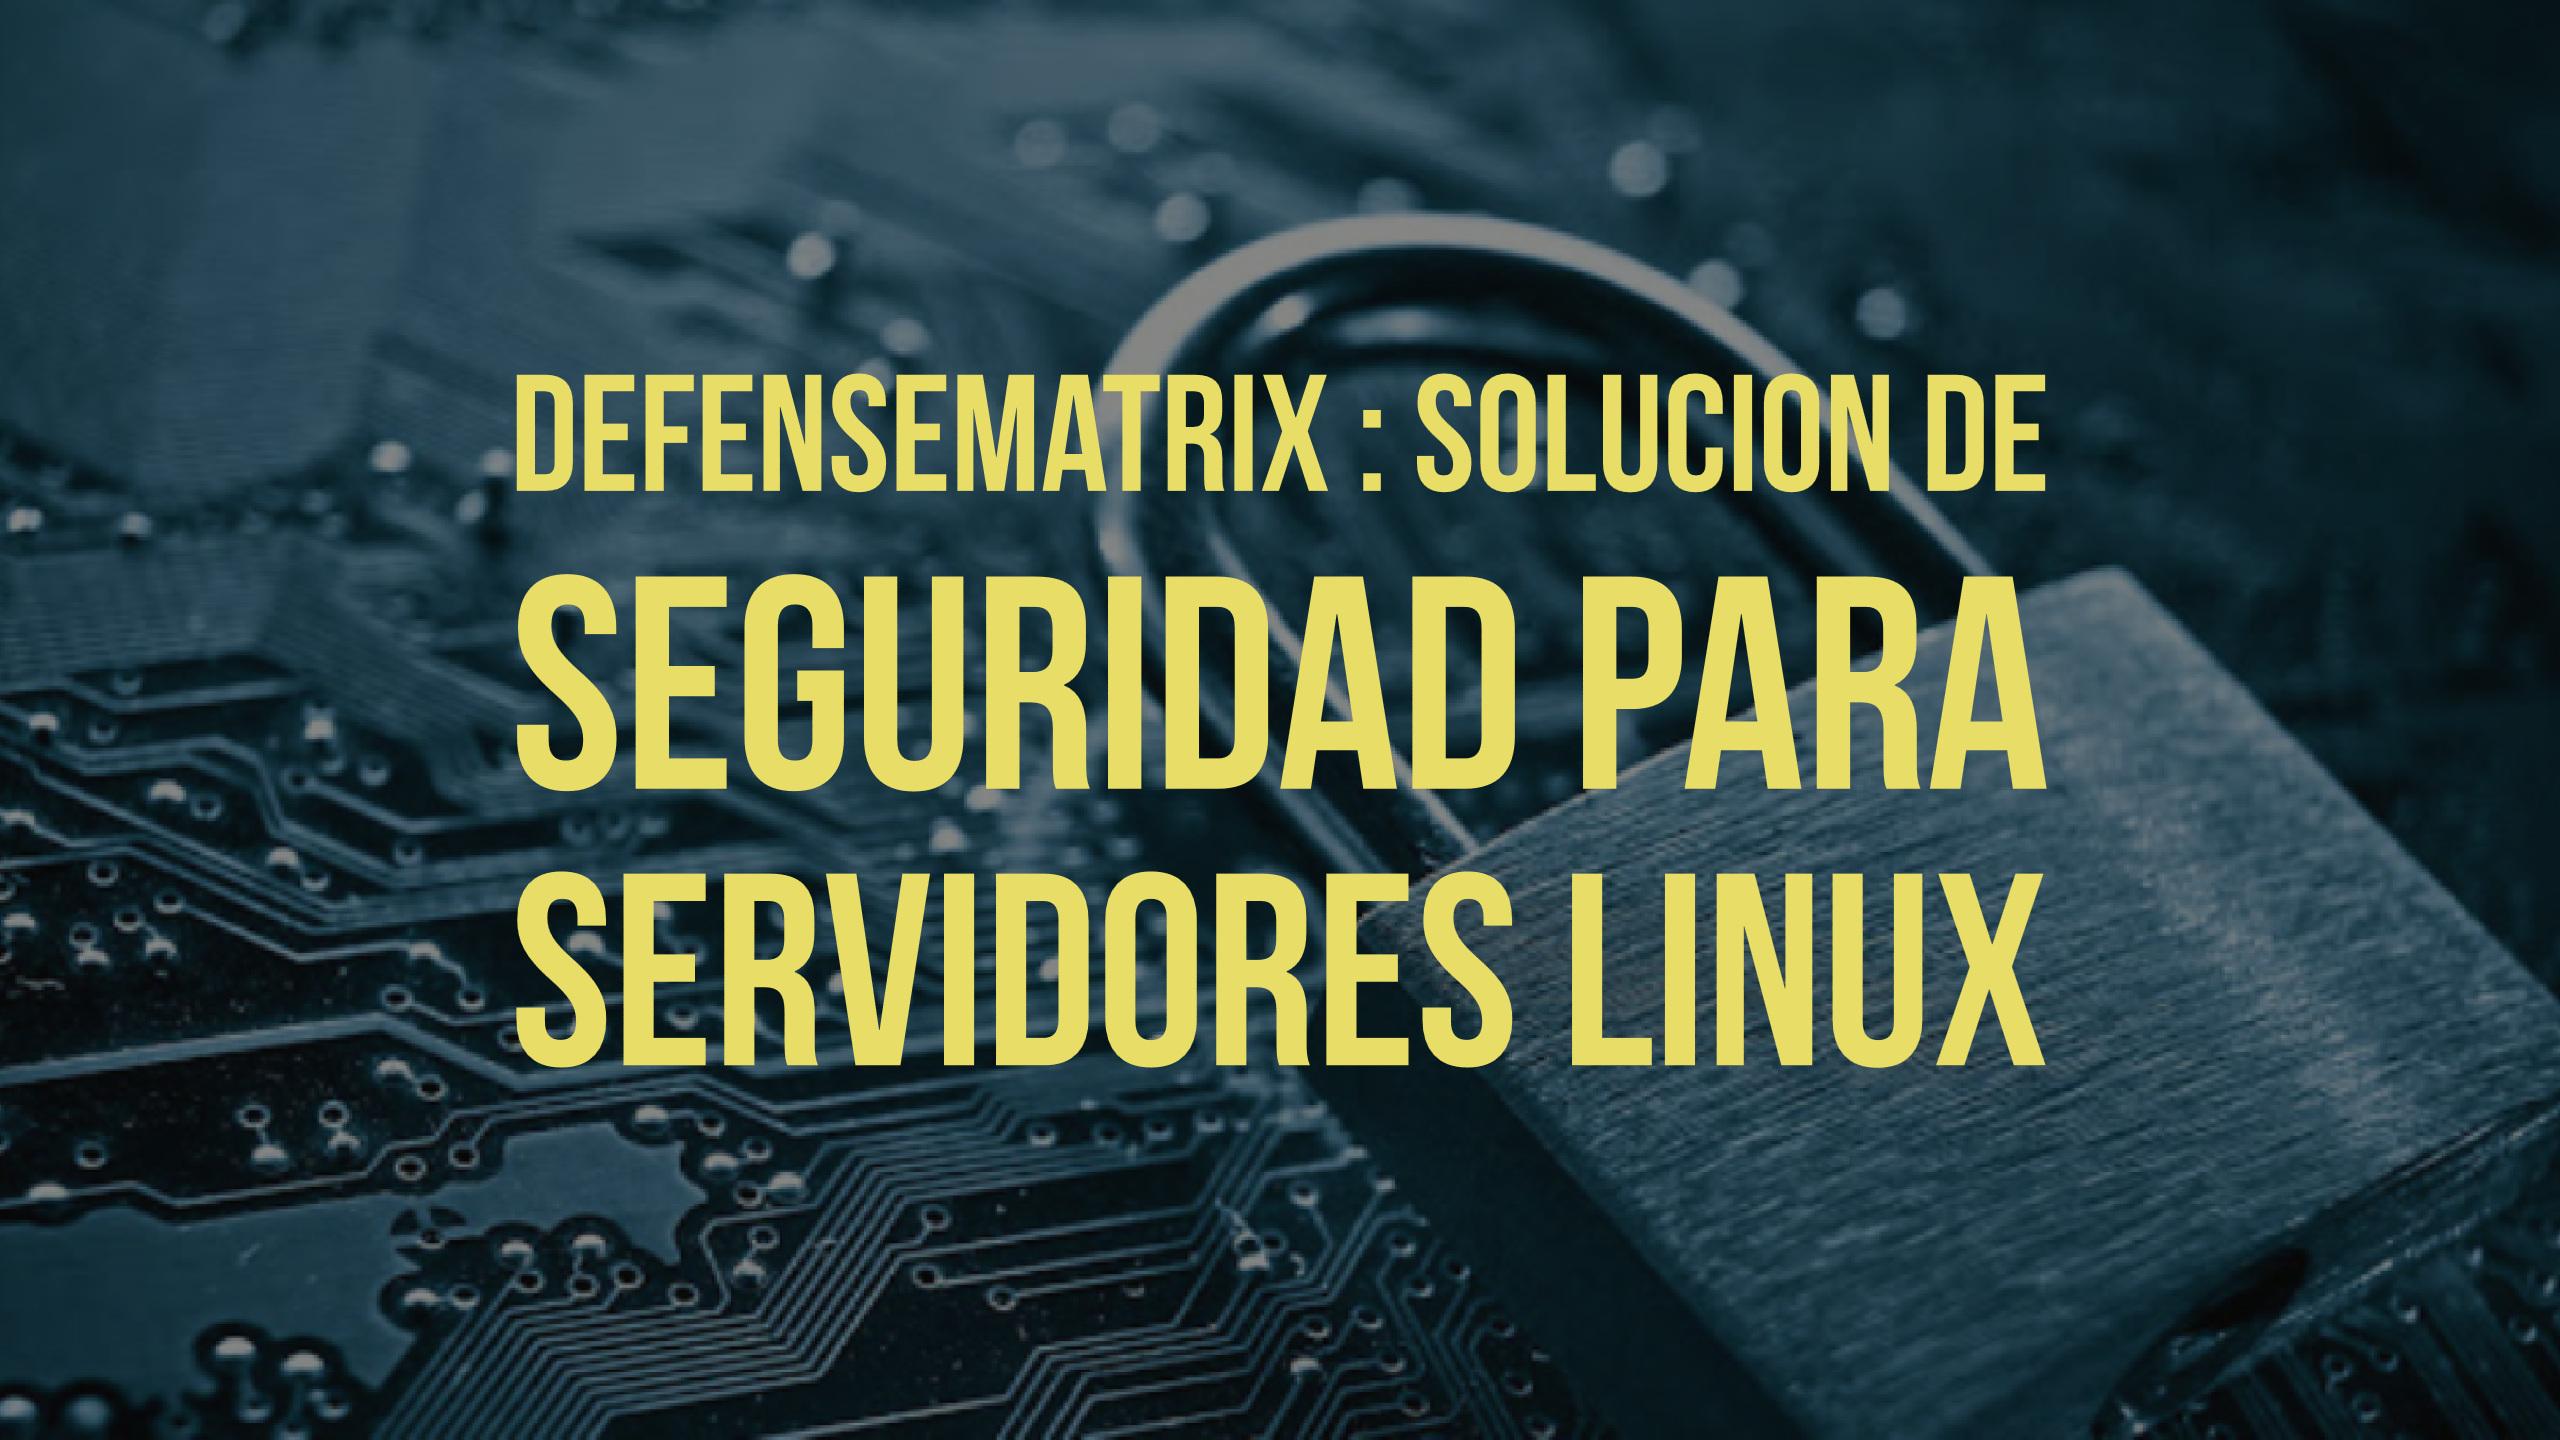 DefenseMatrix : Solución de seguridad para servidores Linux